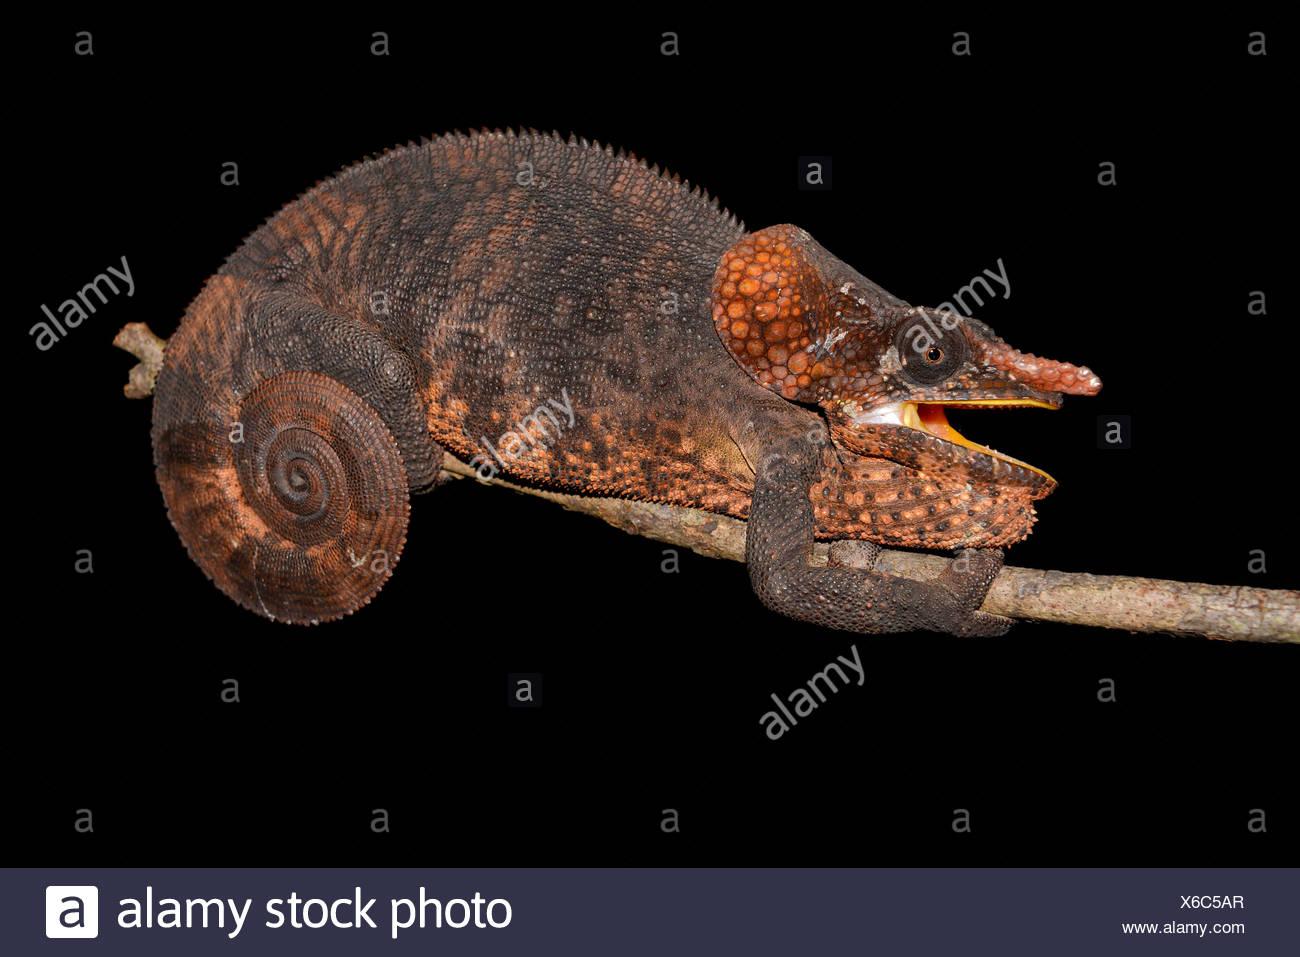 Male short-horned chameleon (Calumma brevicornis), rainforest of Andasibe, Andasibe-Mantadia-National Park, eastern Madagascar - Stock Image